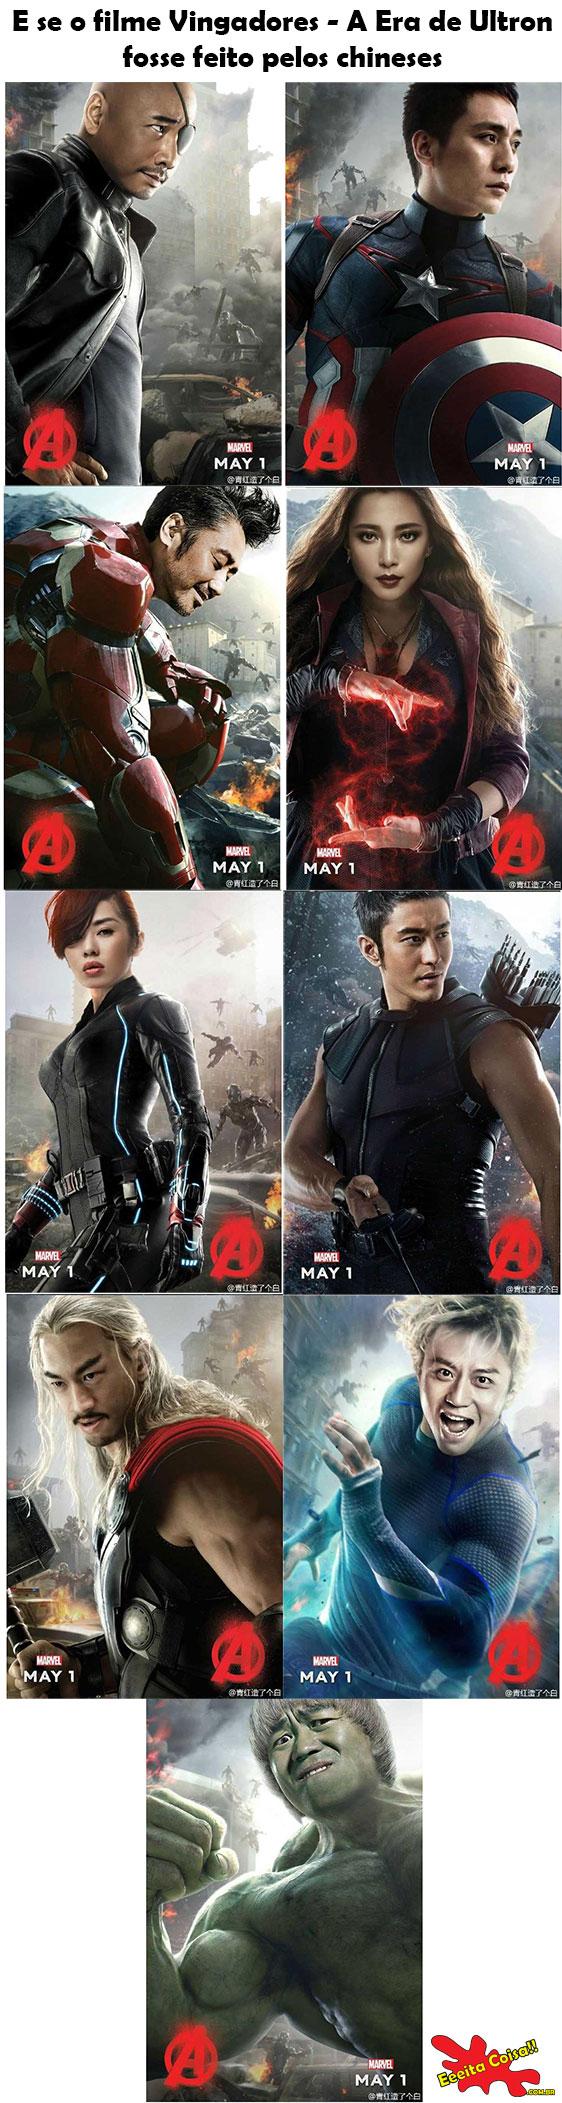 Vingadores - Era de Ultron - Versão CHINA!